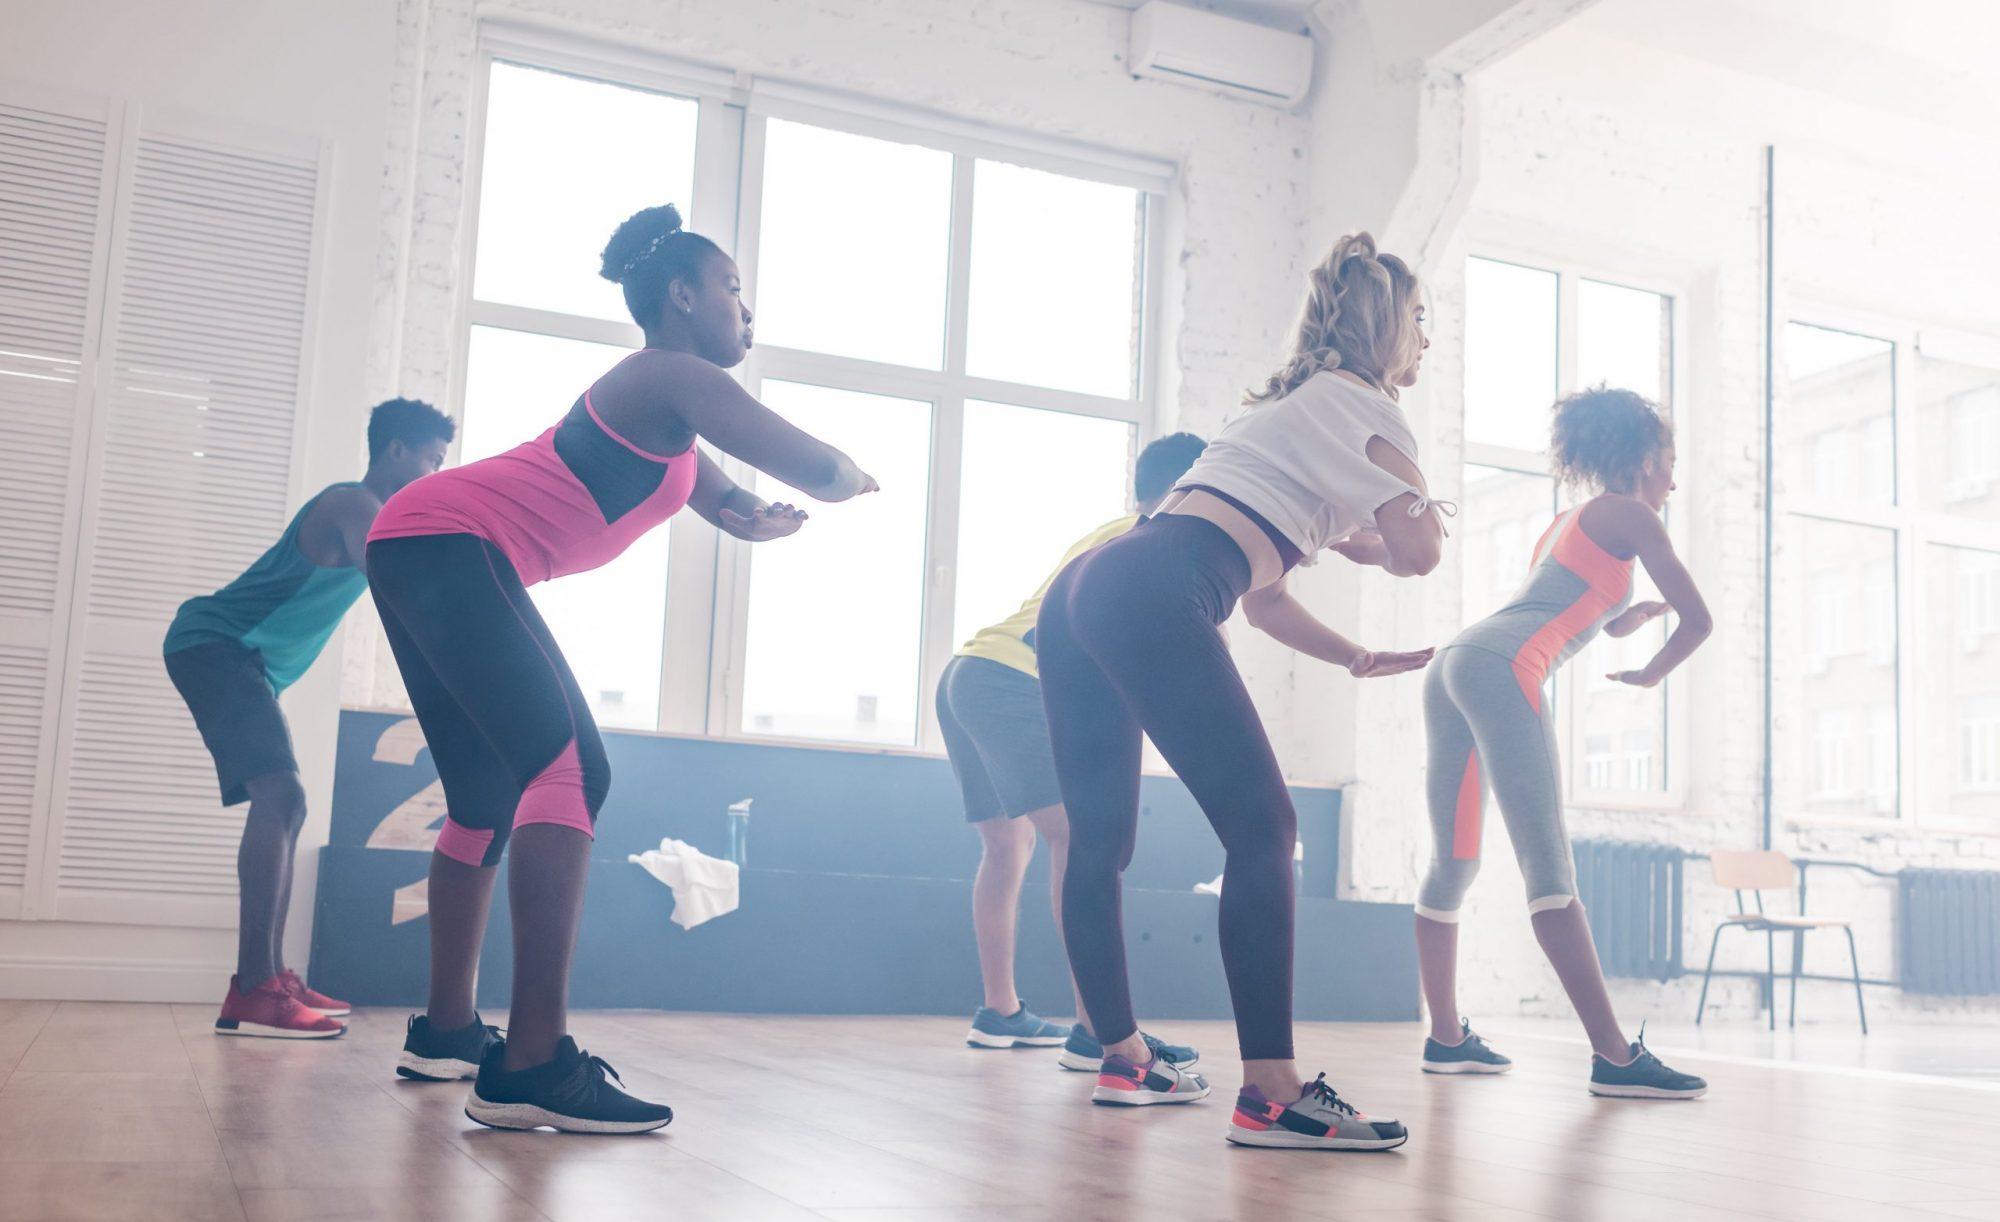 Sempre quis dançar? Siga estes perfis que estão fazendo lives de treinos no Instagram